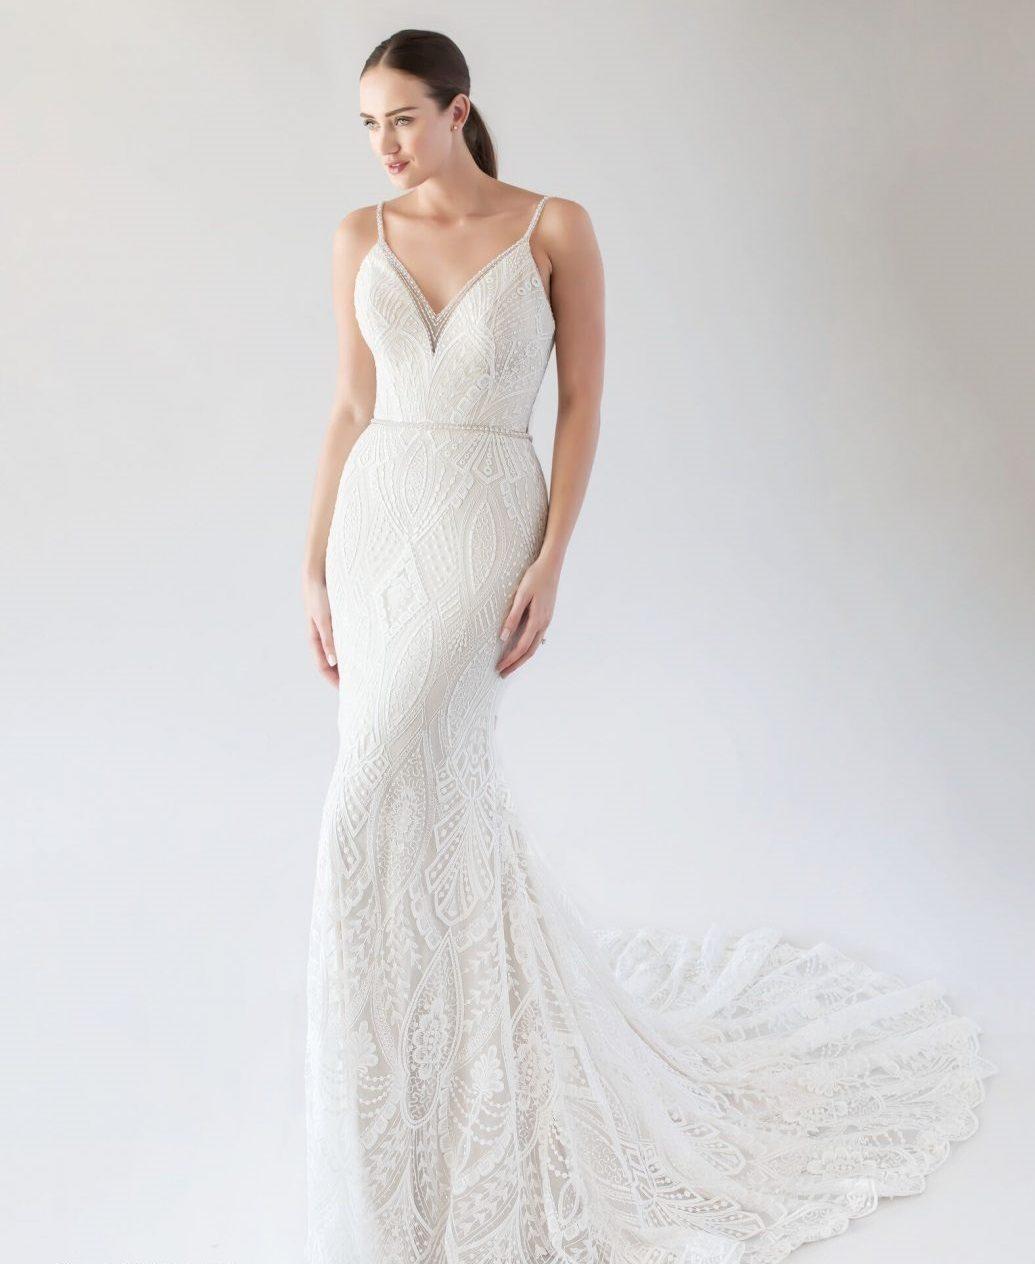 Kisebb esküvőre egy kis A-vonalú vagy sellő fazonú esküvői ruha ajánlott.